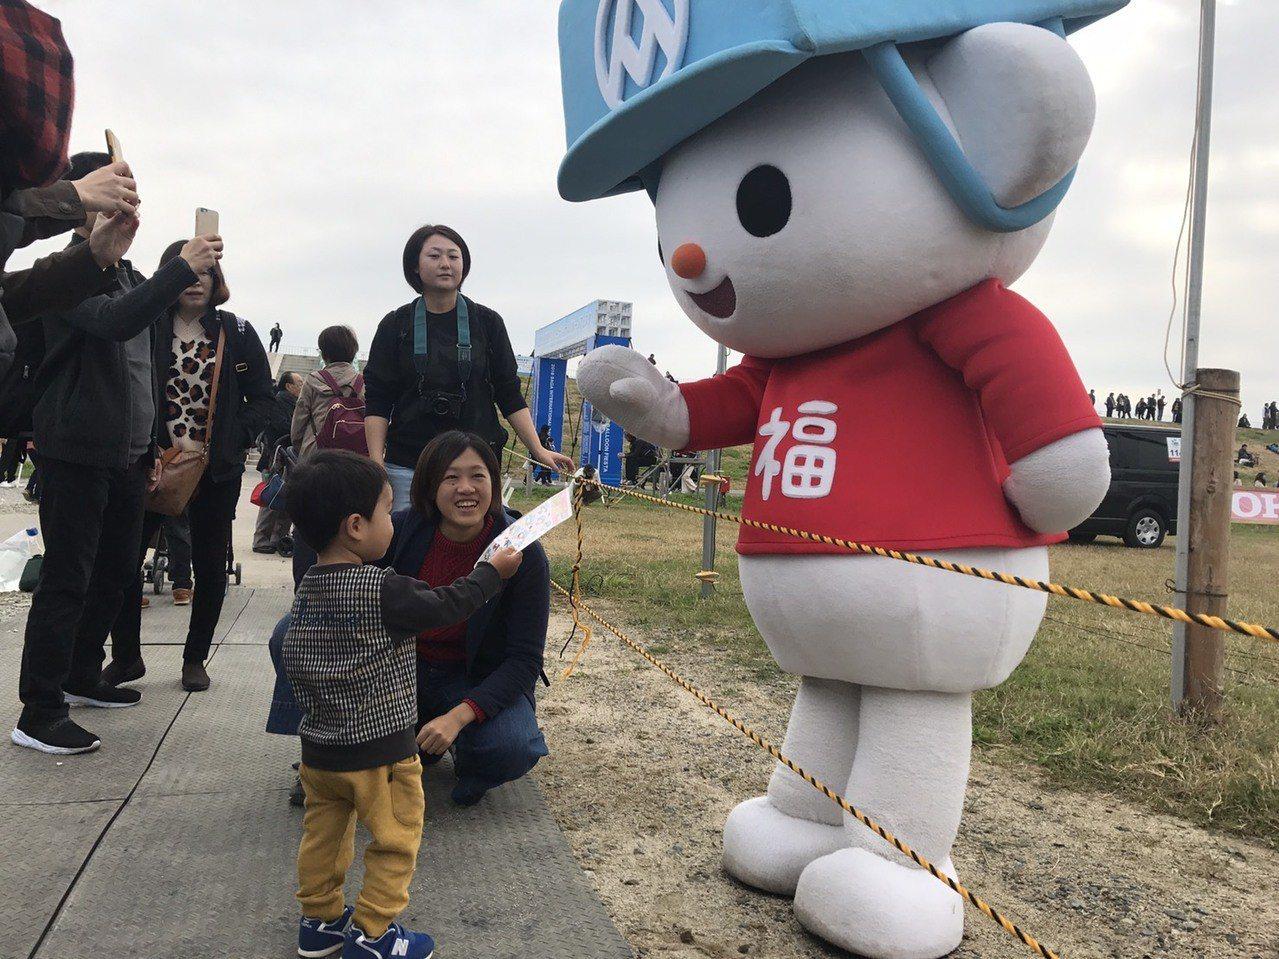 全聯福利熊高人氣,吸引日本小朋友的目光。 記者葉卉軒/攝影